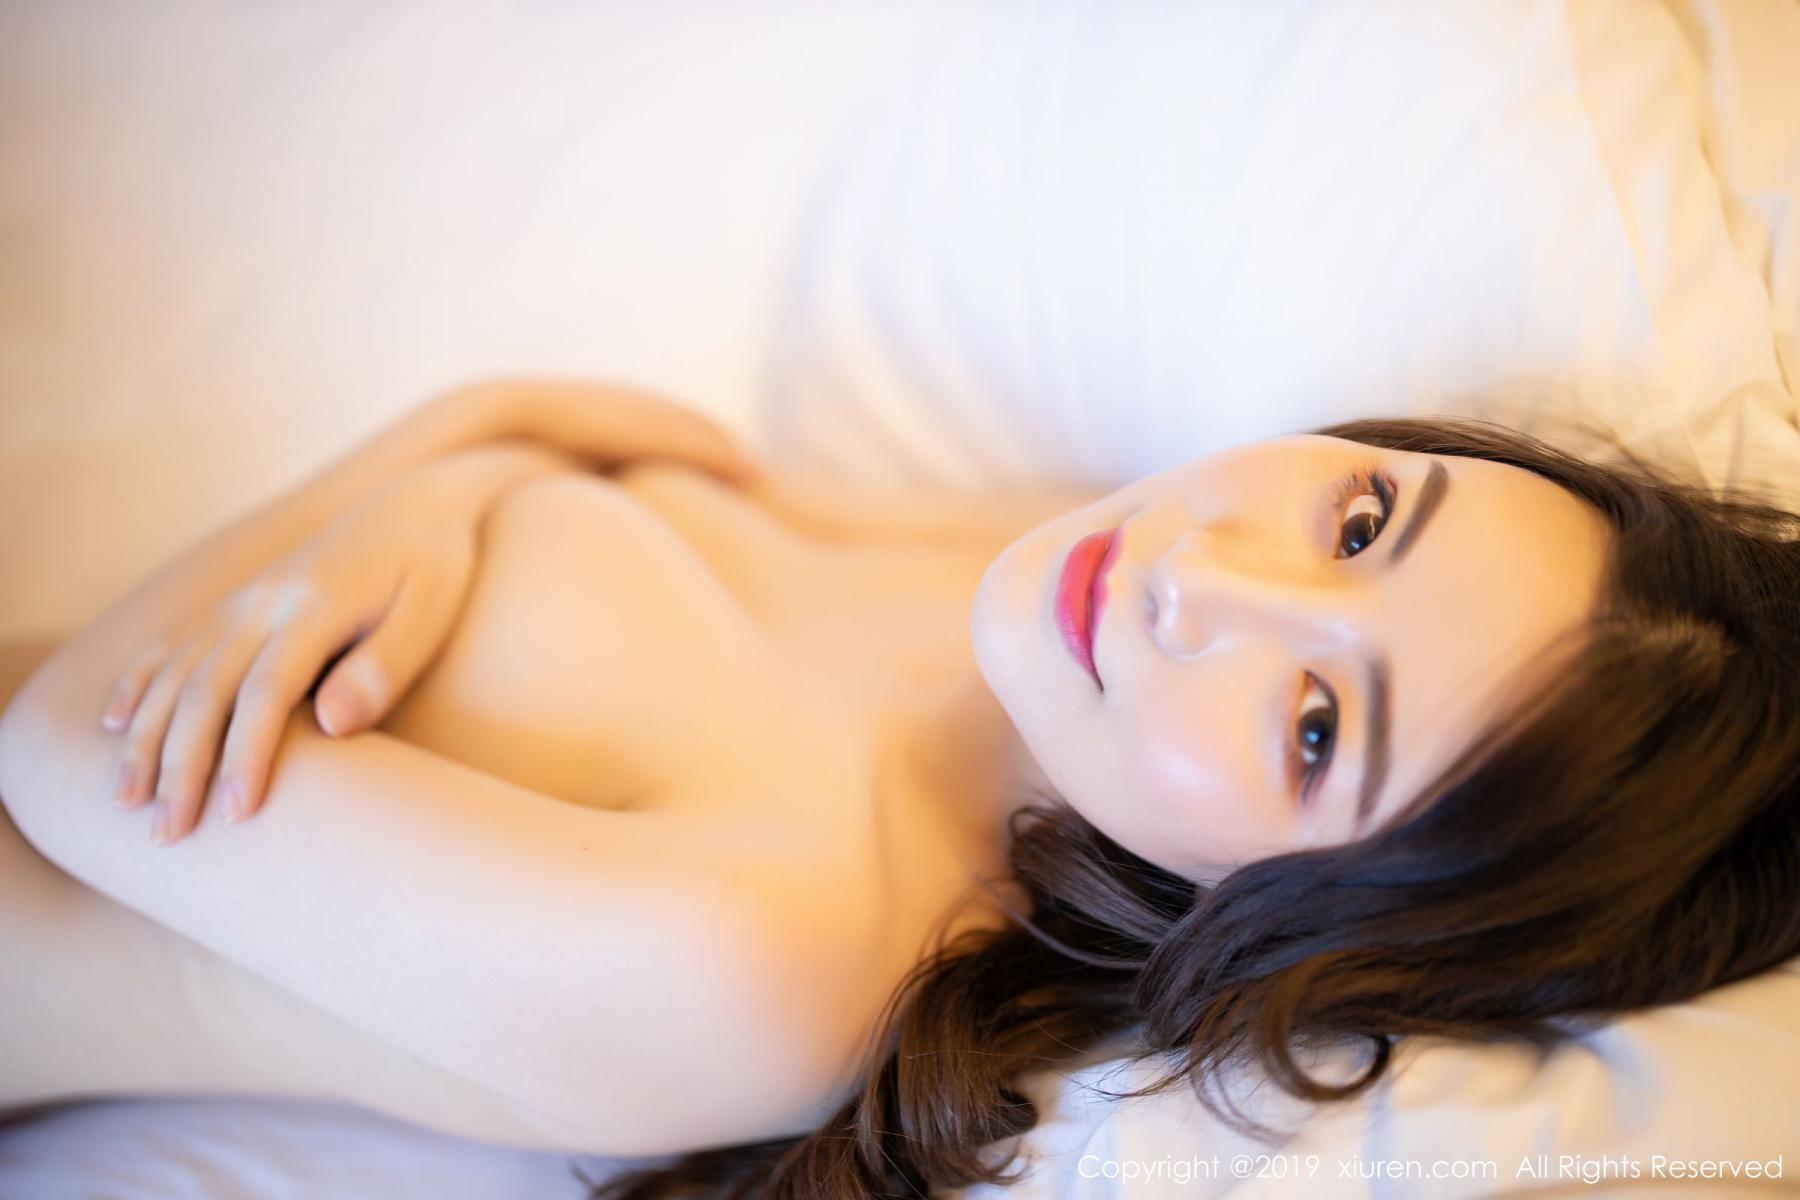 [XiaoYu] Vol.1697 Xie Zhi Xin 99P, Home, Sexy, XiaoYu, Xie Zhi Xin